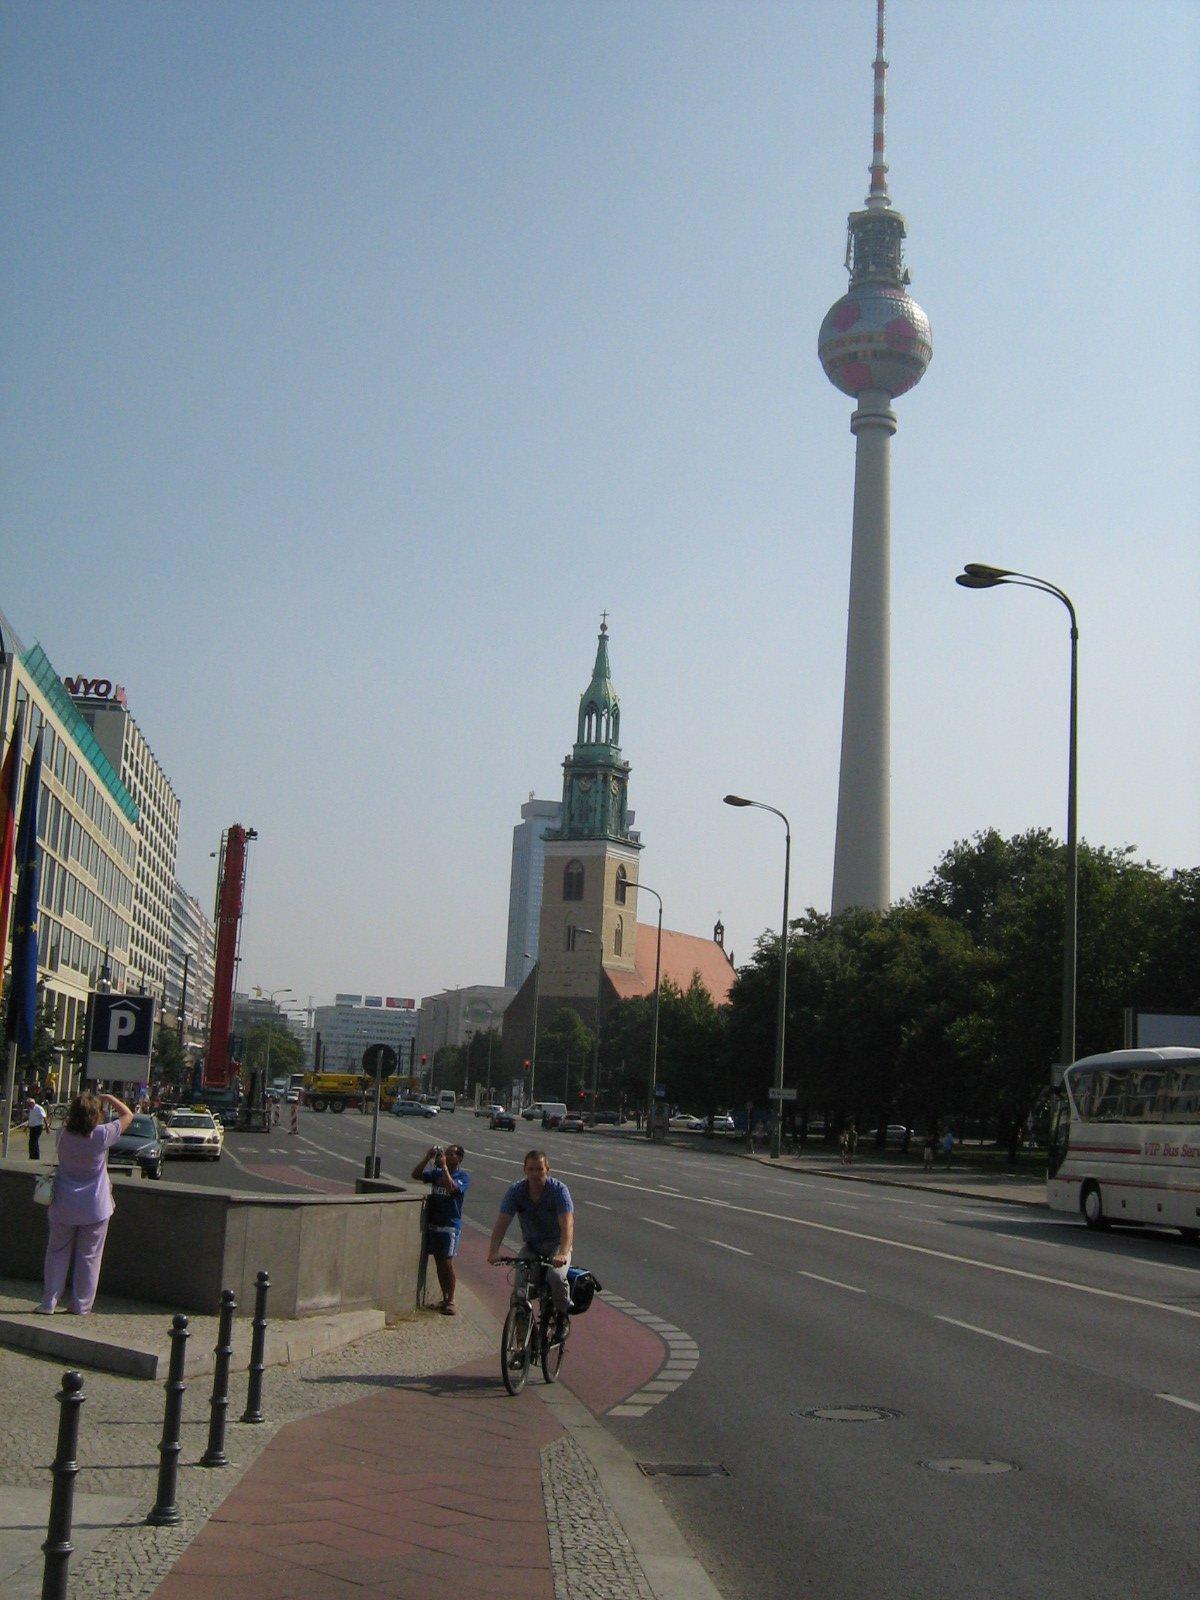 Берлинская телебашня, Берлин, Германия. Июль, 2006